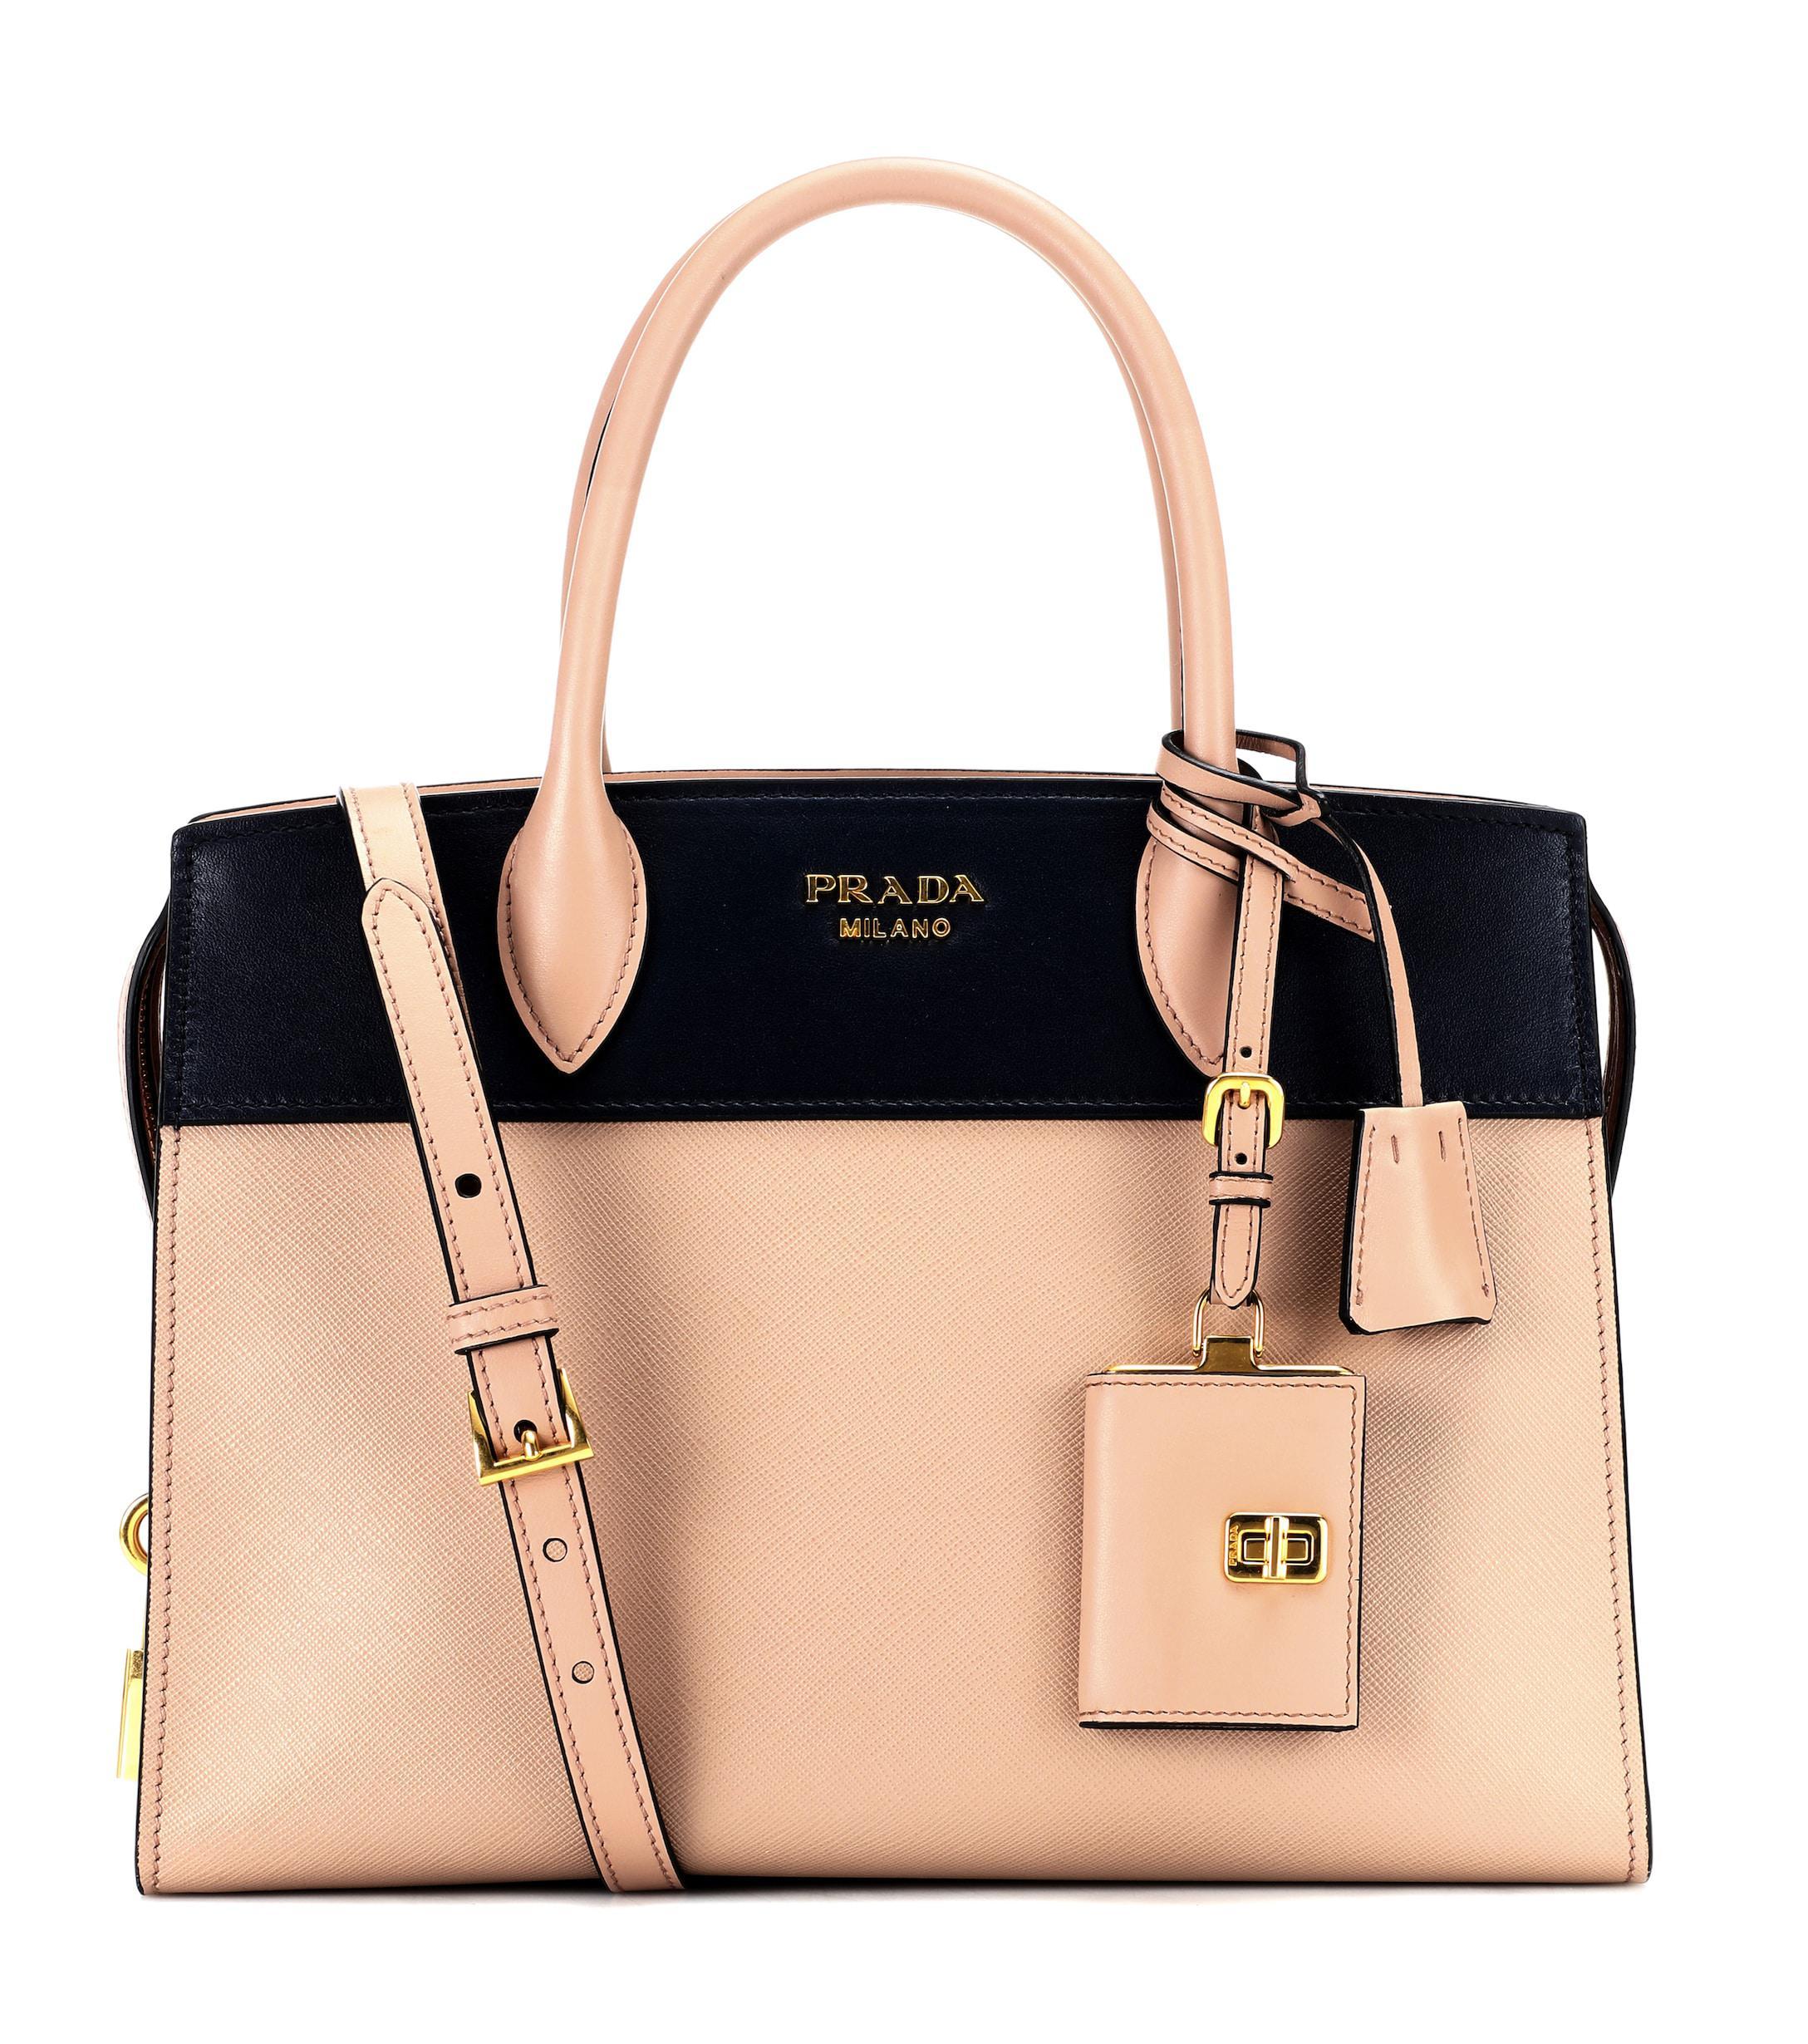 41cfe6744e1b Prada Paradigme Saffiano Leather Tote in Natural - Lyst